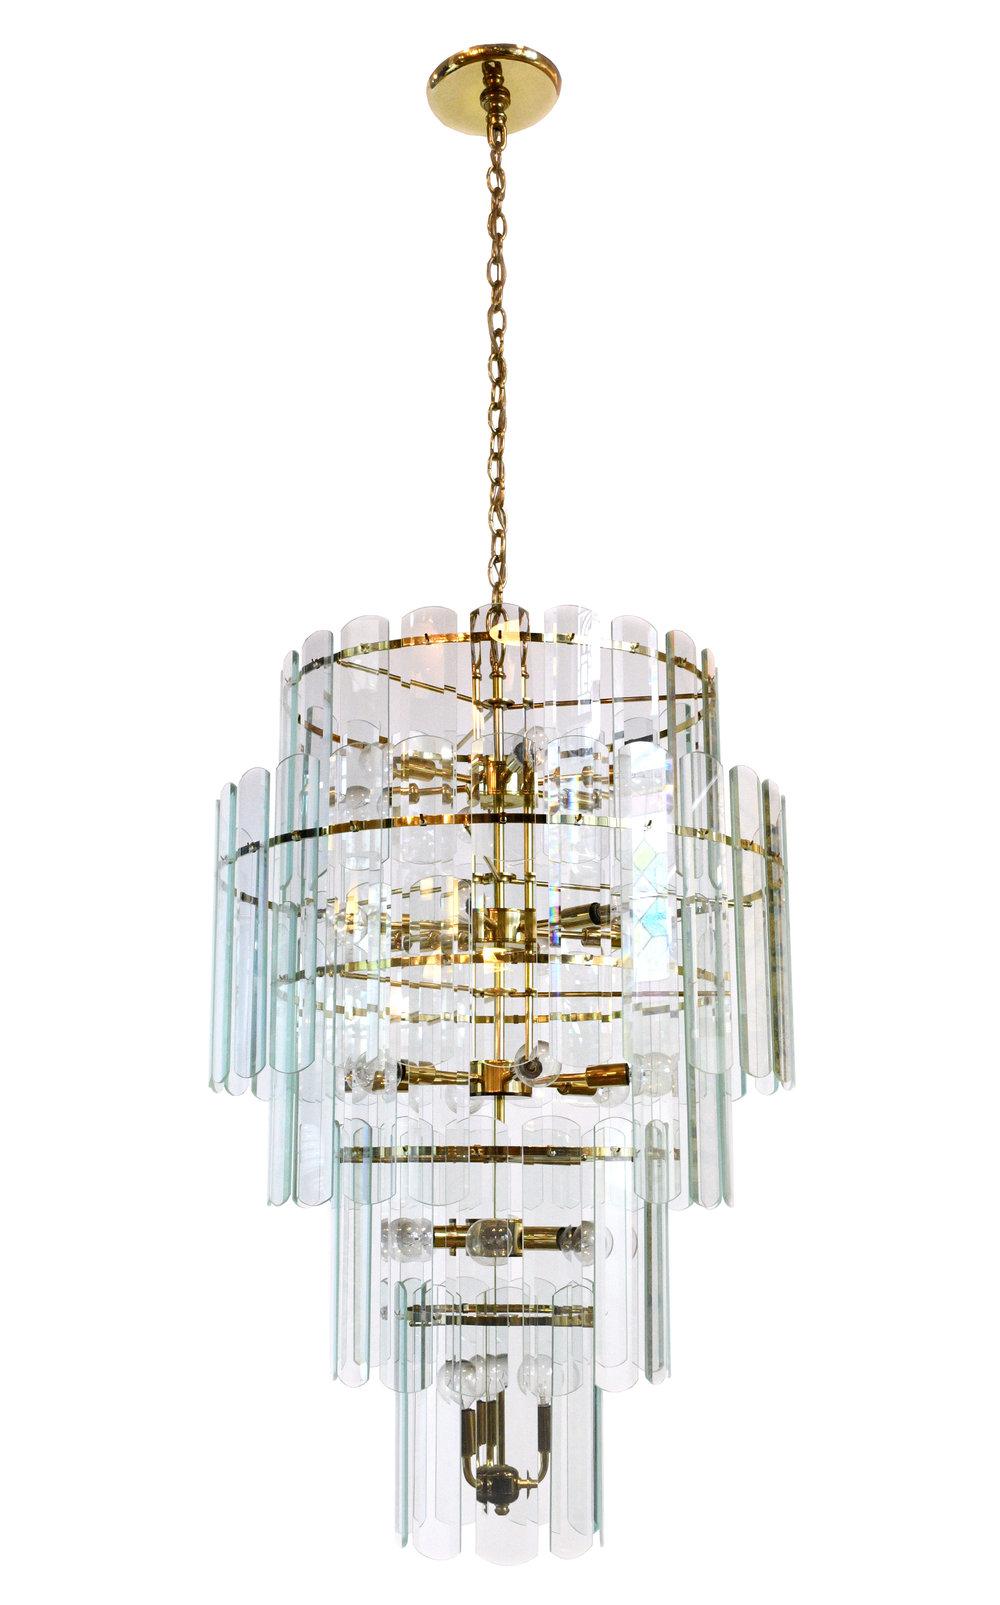 47630-tall-brass-glass-chandelier-full-view.jpg